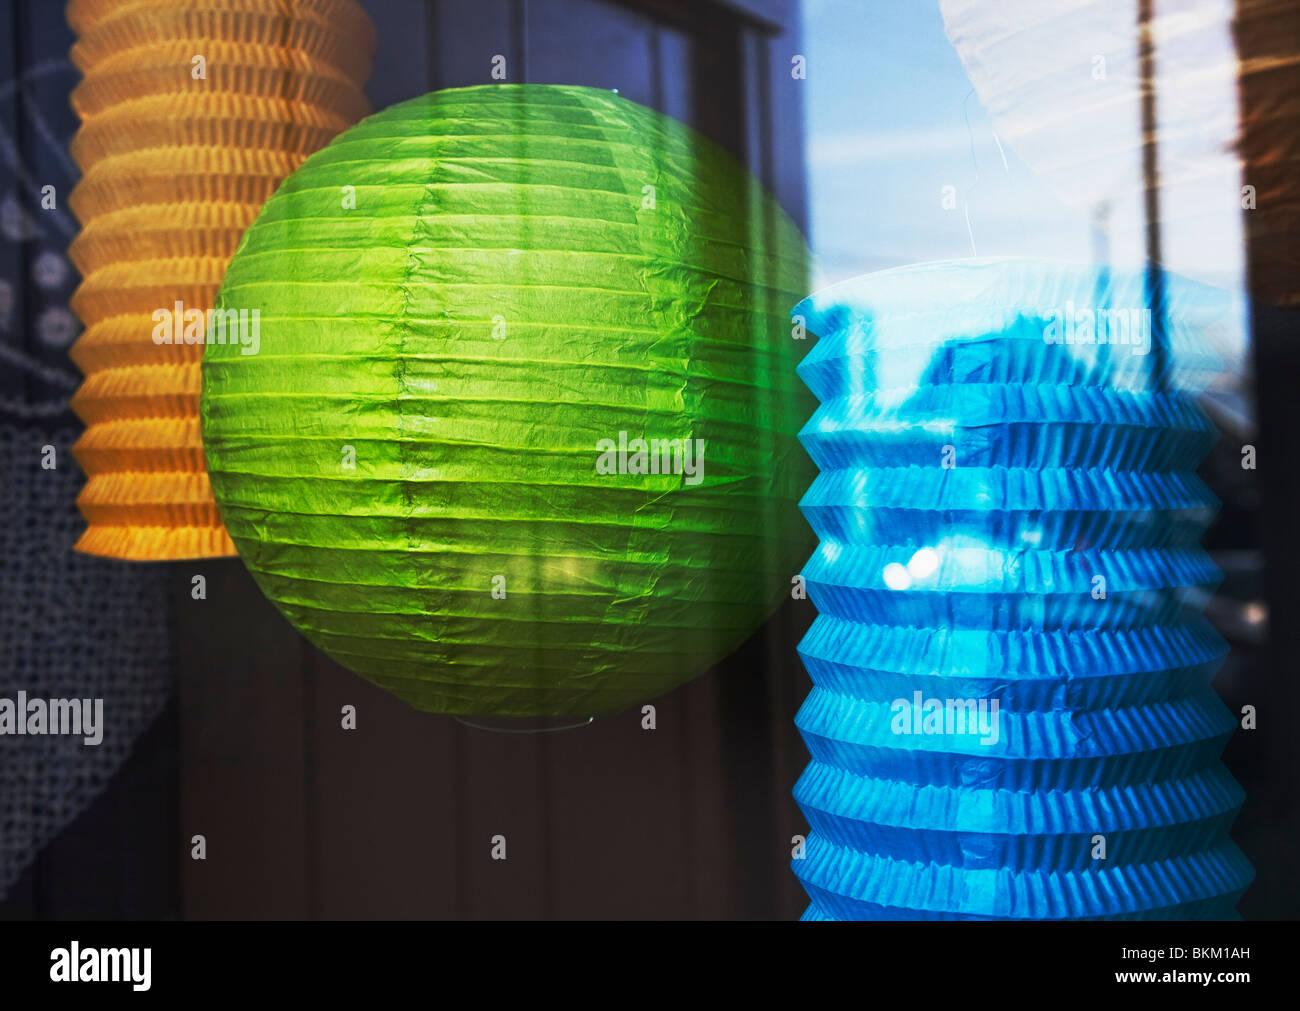 Des lanternes en papier accroché dans shop window Photo Stock